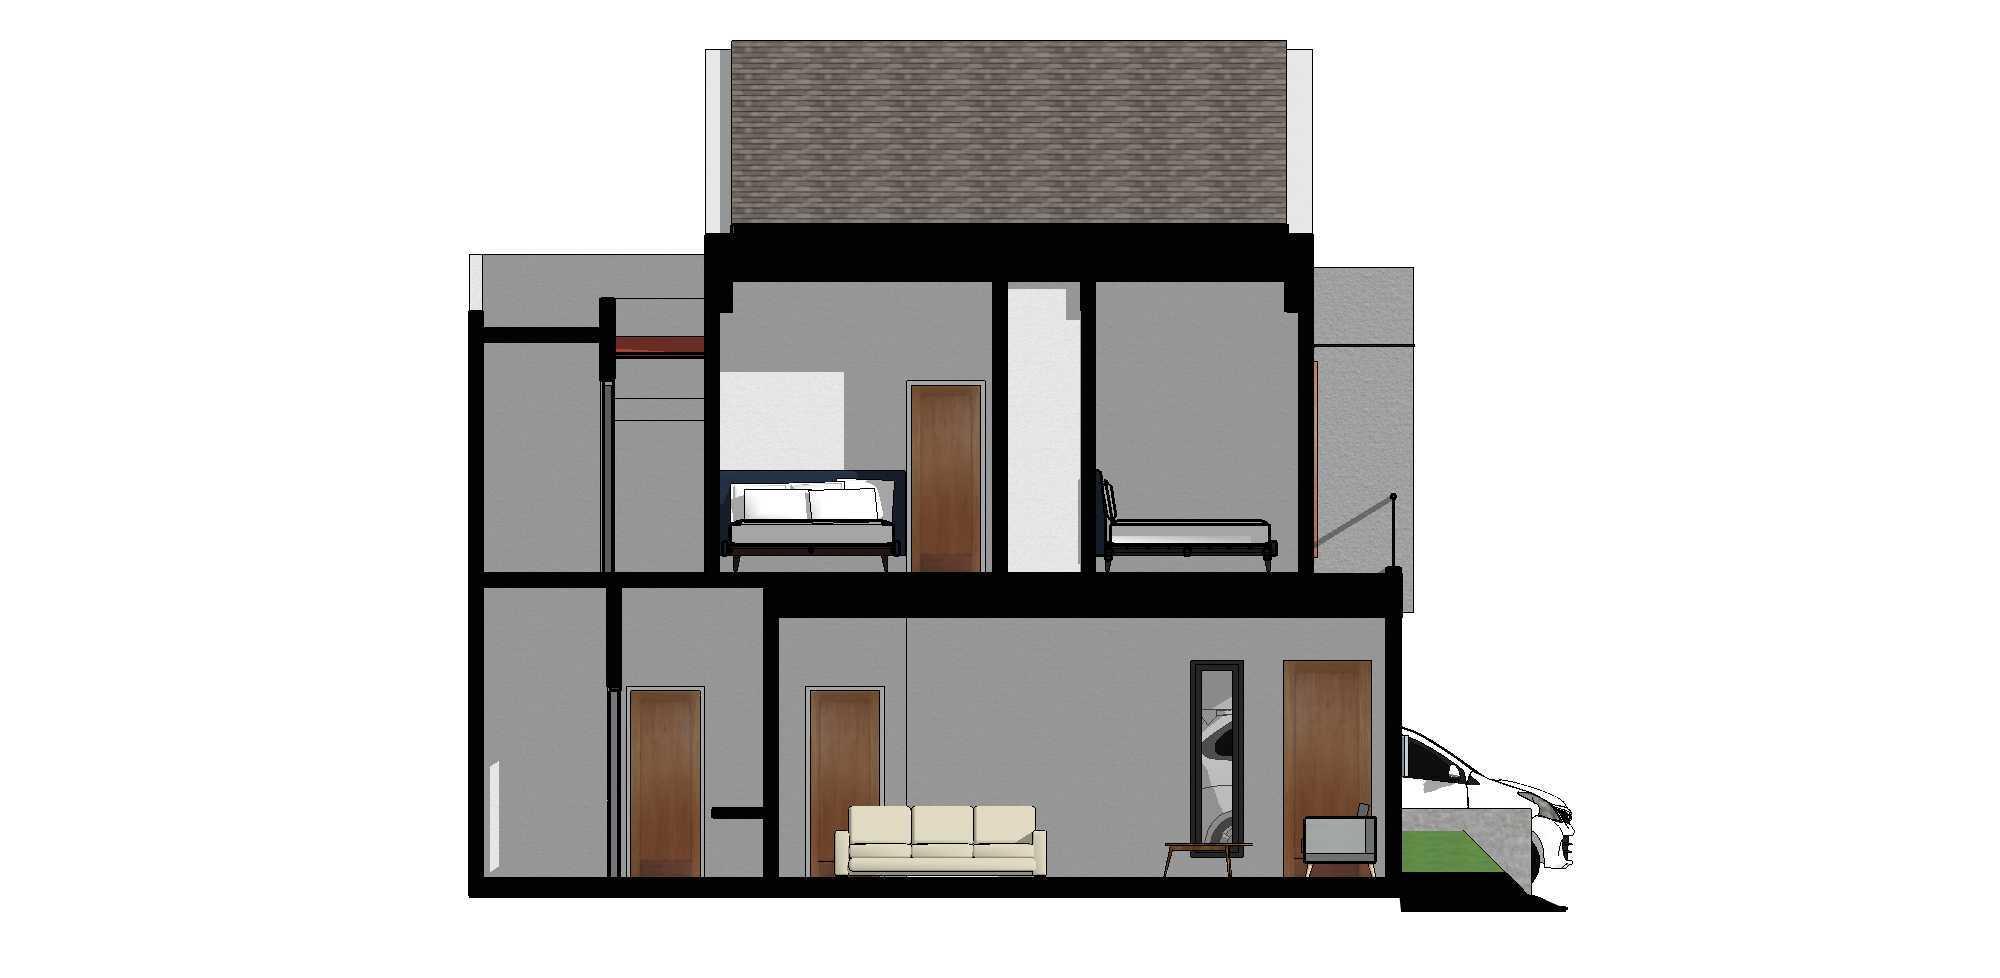 Zigzag Architecture Studio C House - Karawaci Karawaci, Kota Tangerang, Banten, Indonesia Karawaci, Kota Tangerang, Banten, Indonesia Zigzag-Architecture-Studio-C-House-Karawaci   59733